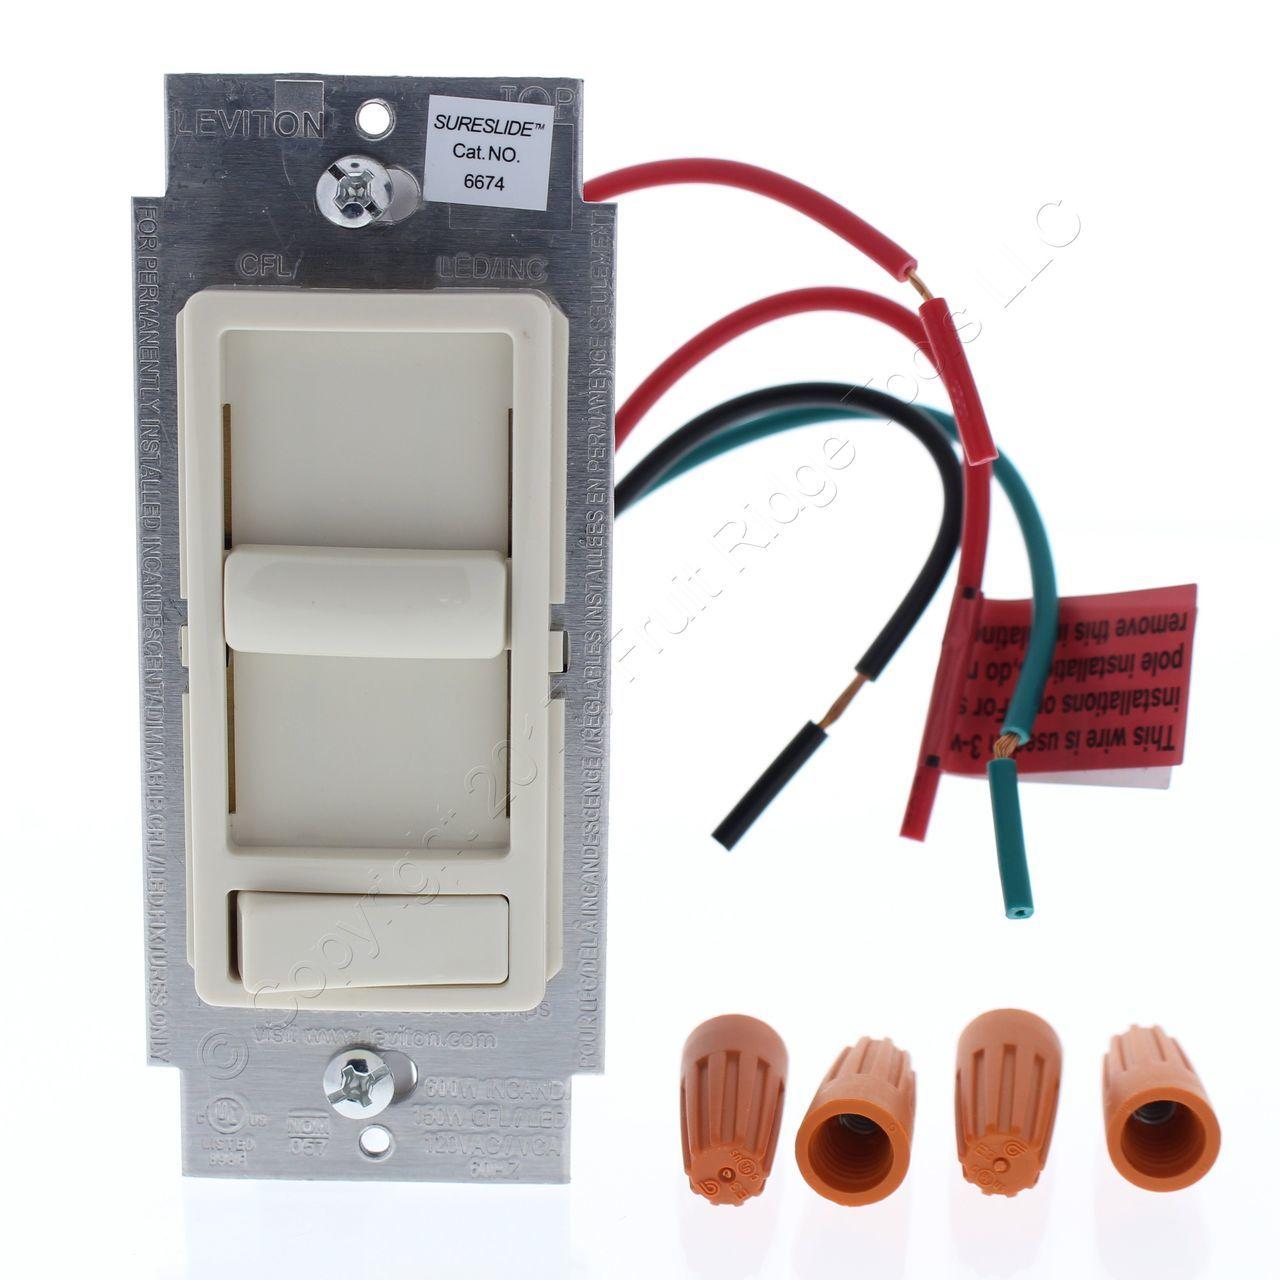 Vr 4369 Supplies Wiring Supplies Leviton Sureslide Dimmer Switch Almond Schematic Wiring